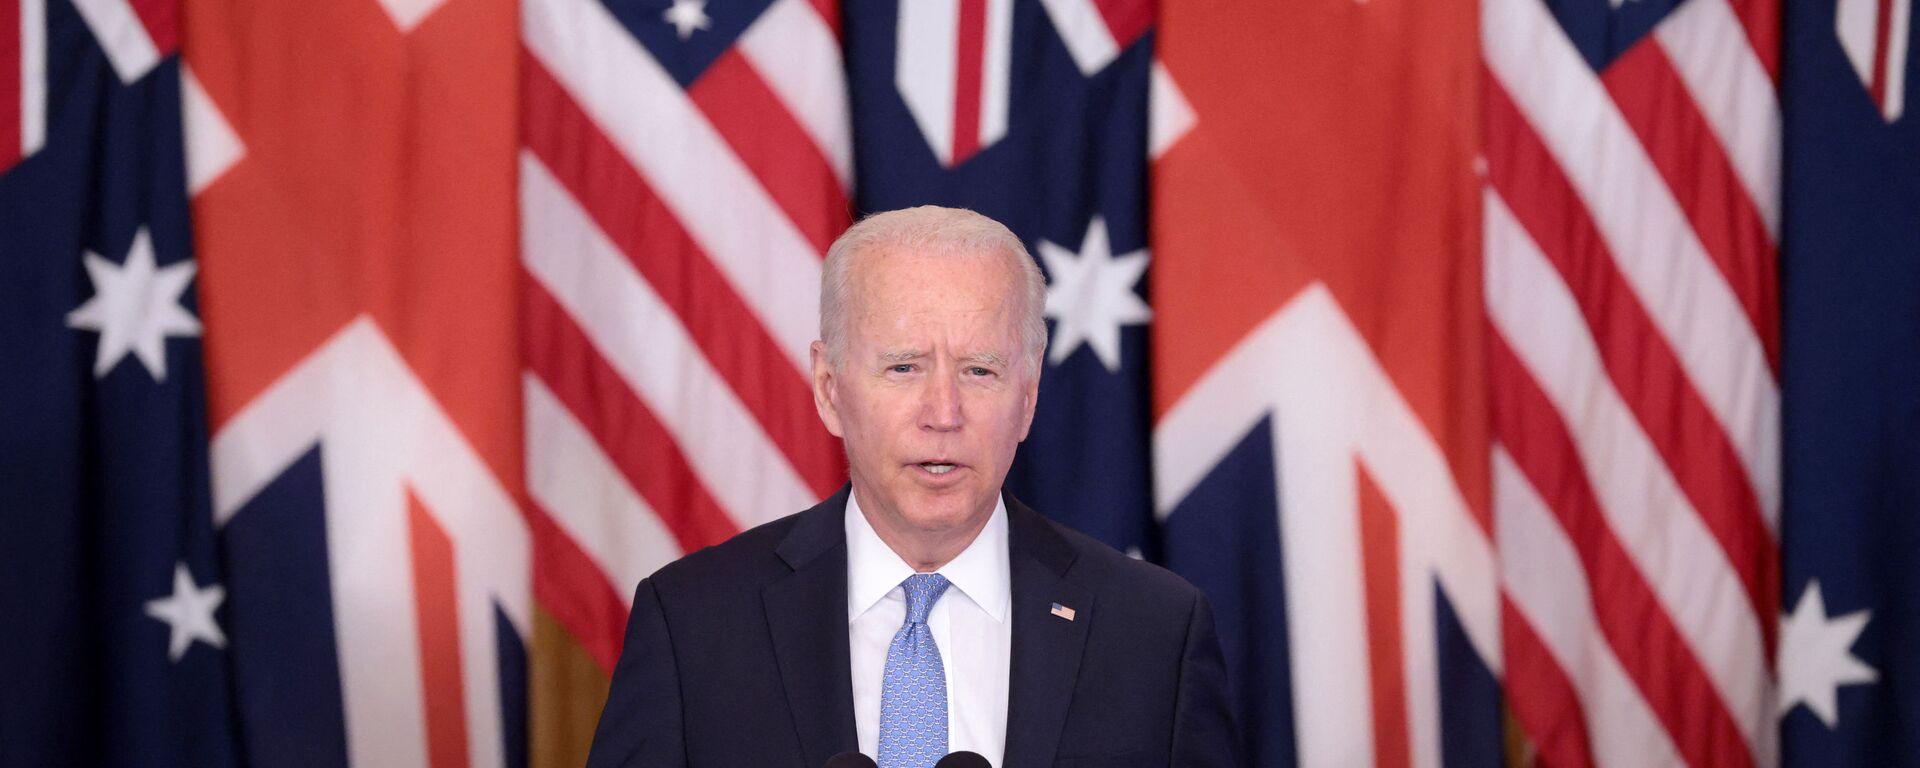 Americký prezident Joe Biden - Sputnik Česká republika, 1920, 19.09.2021